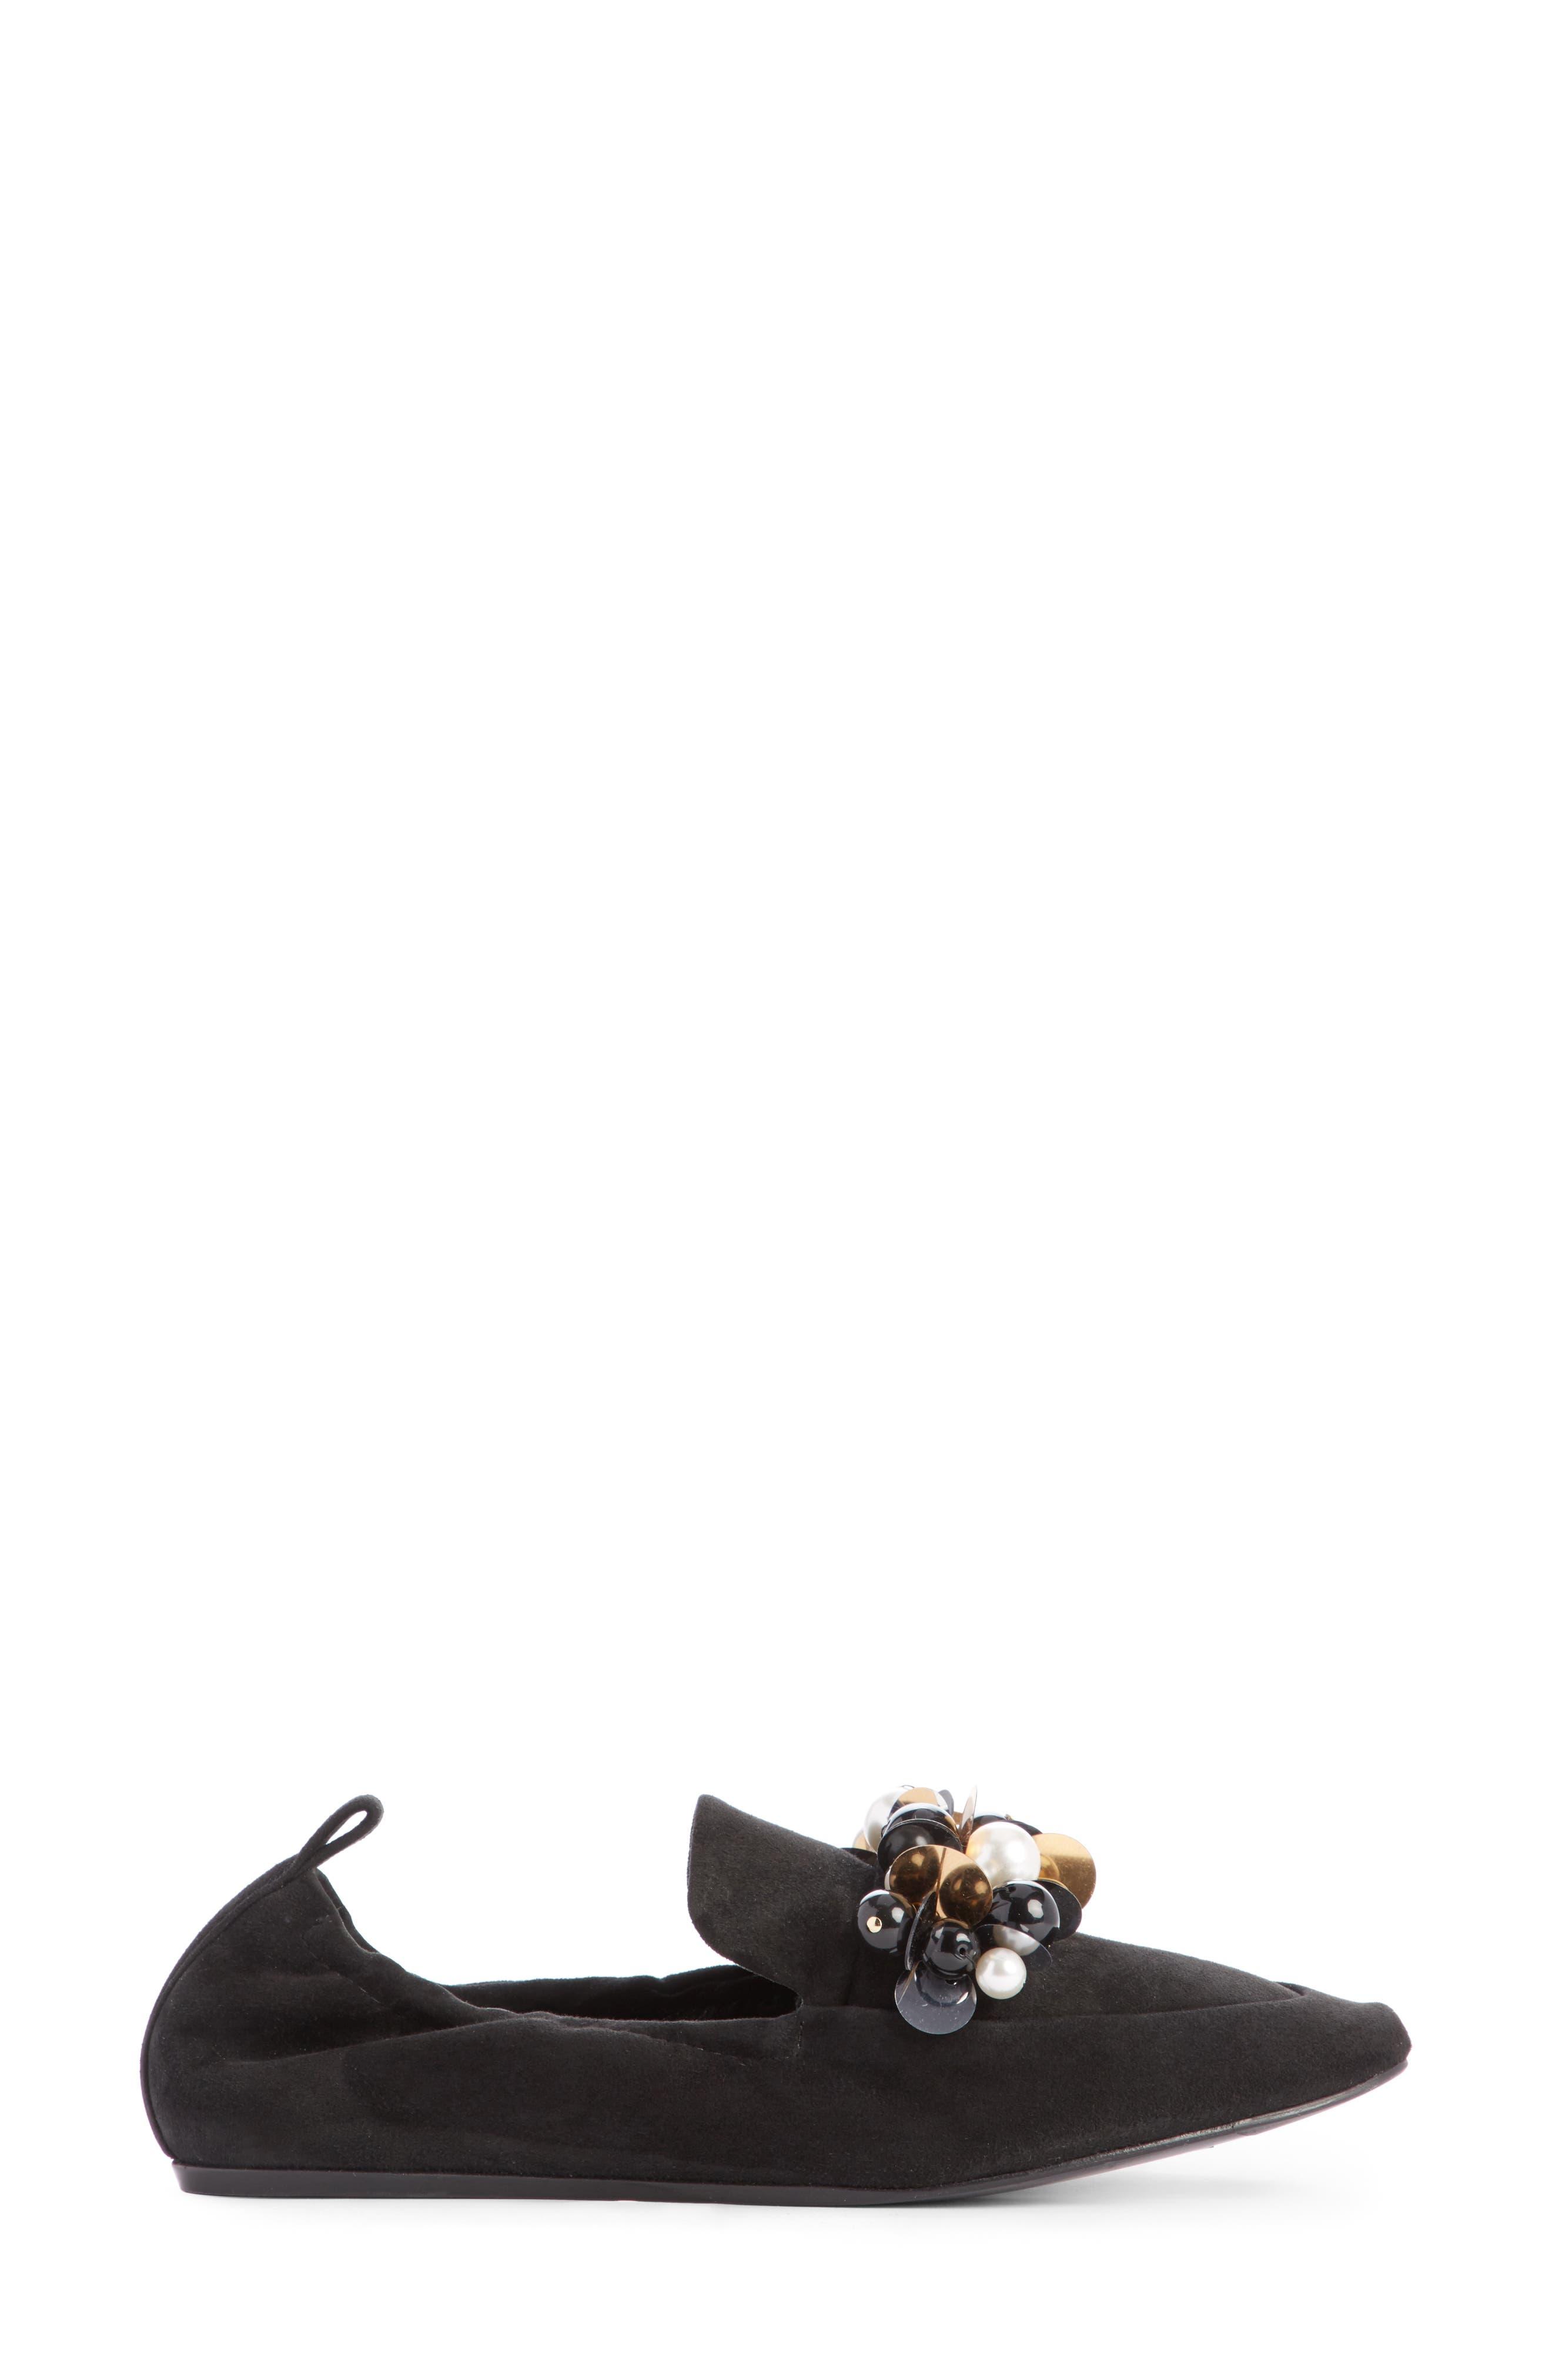 Pearl Slipper Loafer,                             Alternate thumbnail 4, color,                             001